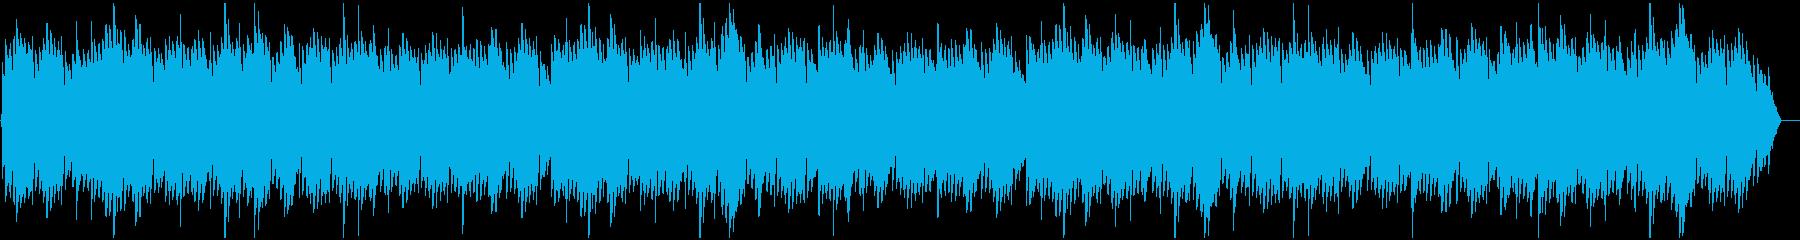 不安の中のアルペジオの再生済みの波形